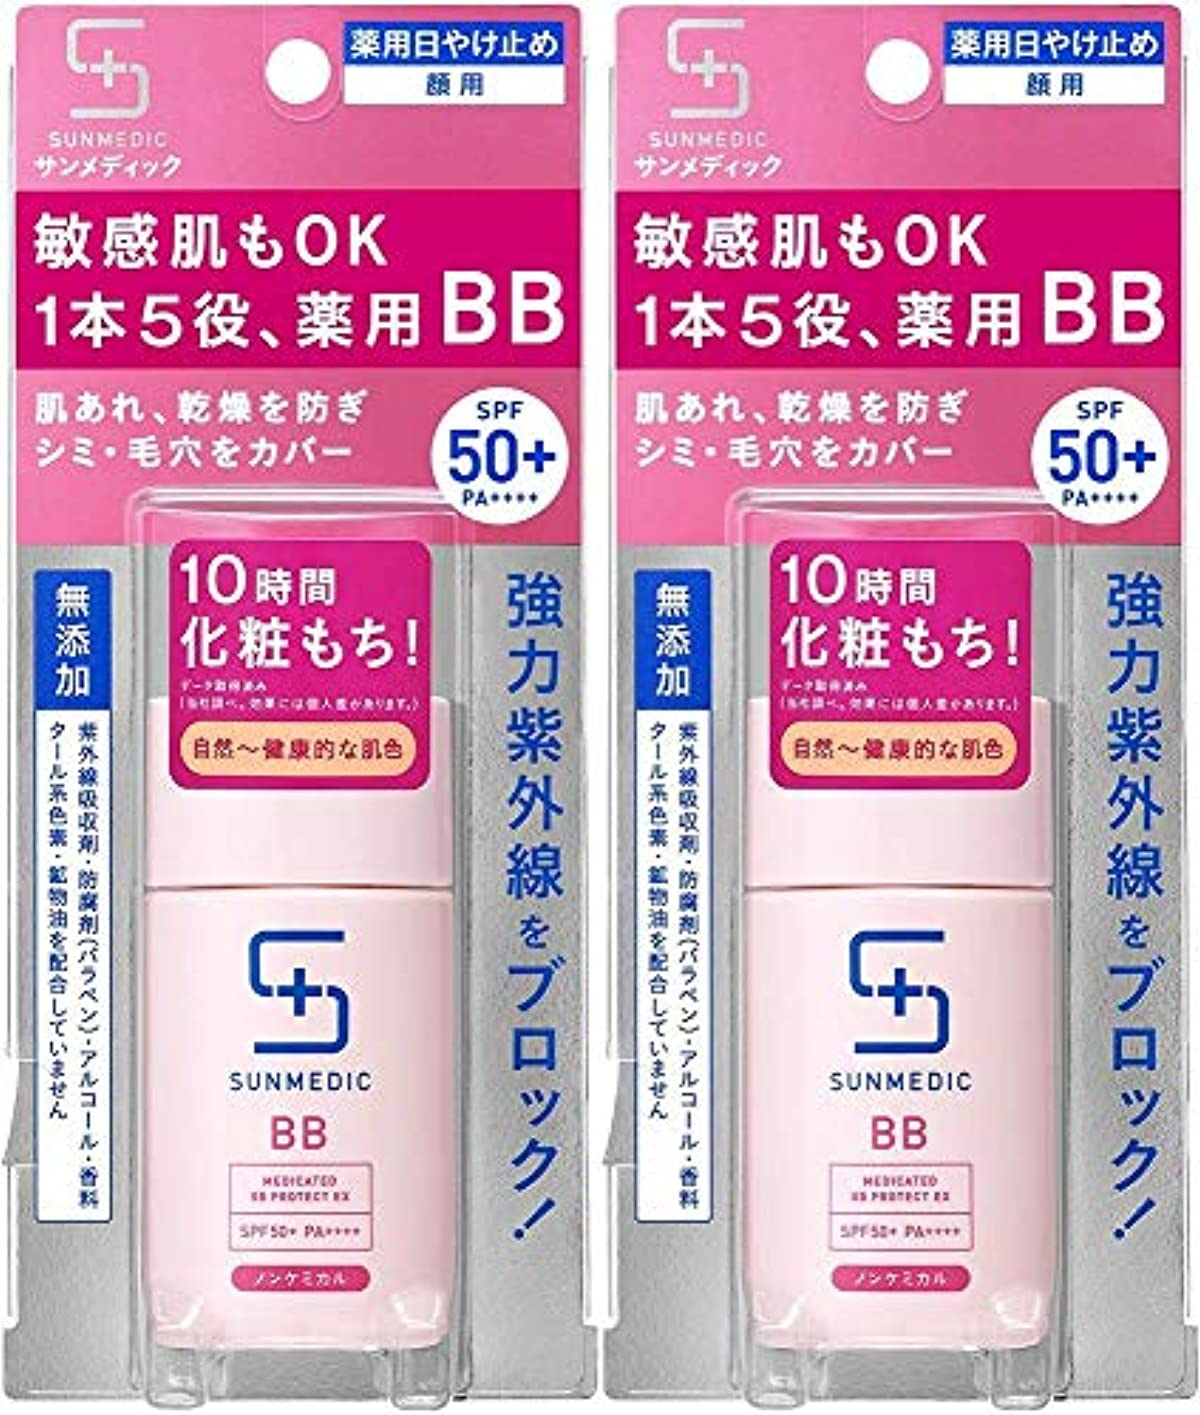 制限されたメディックポール【2個セット】サンメディックUV 薬用BBプロテクトEX ナチュラル 30ml (医薬部外品)